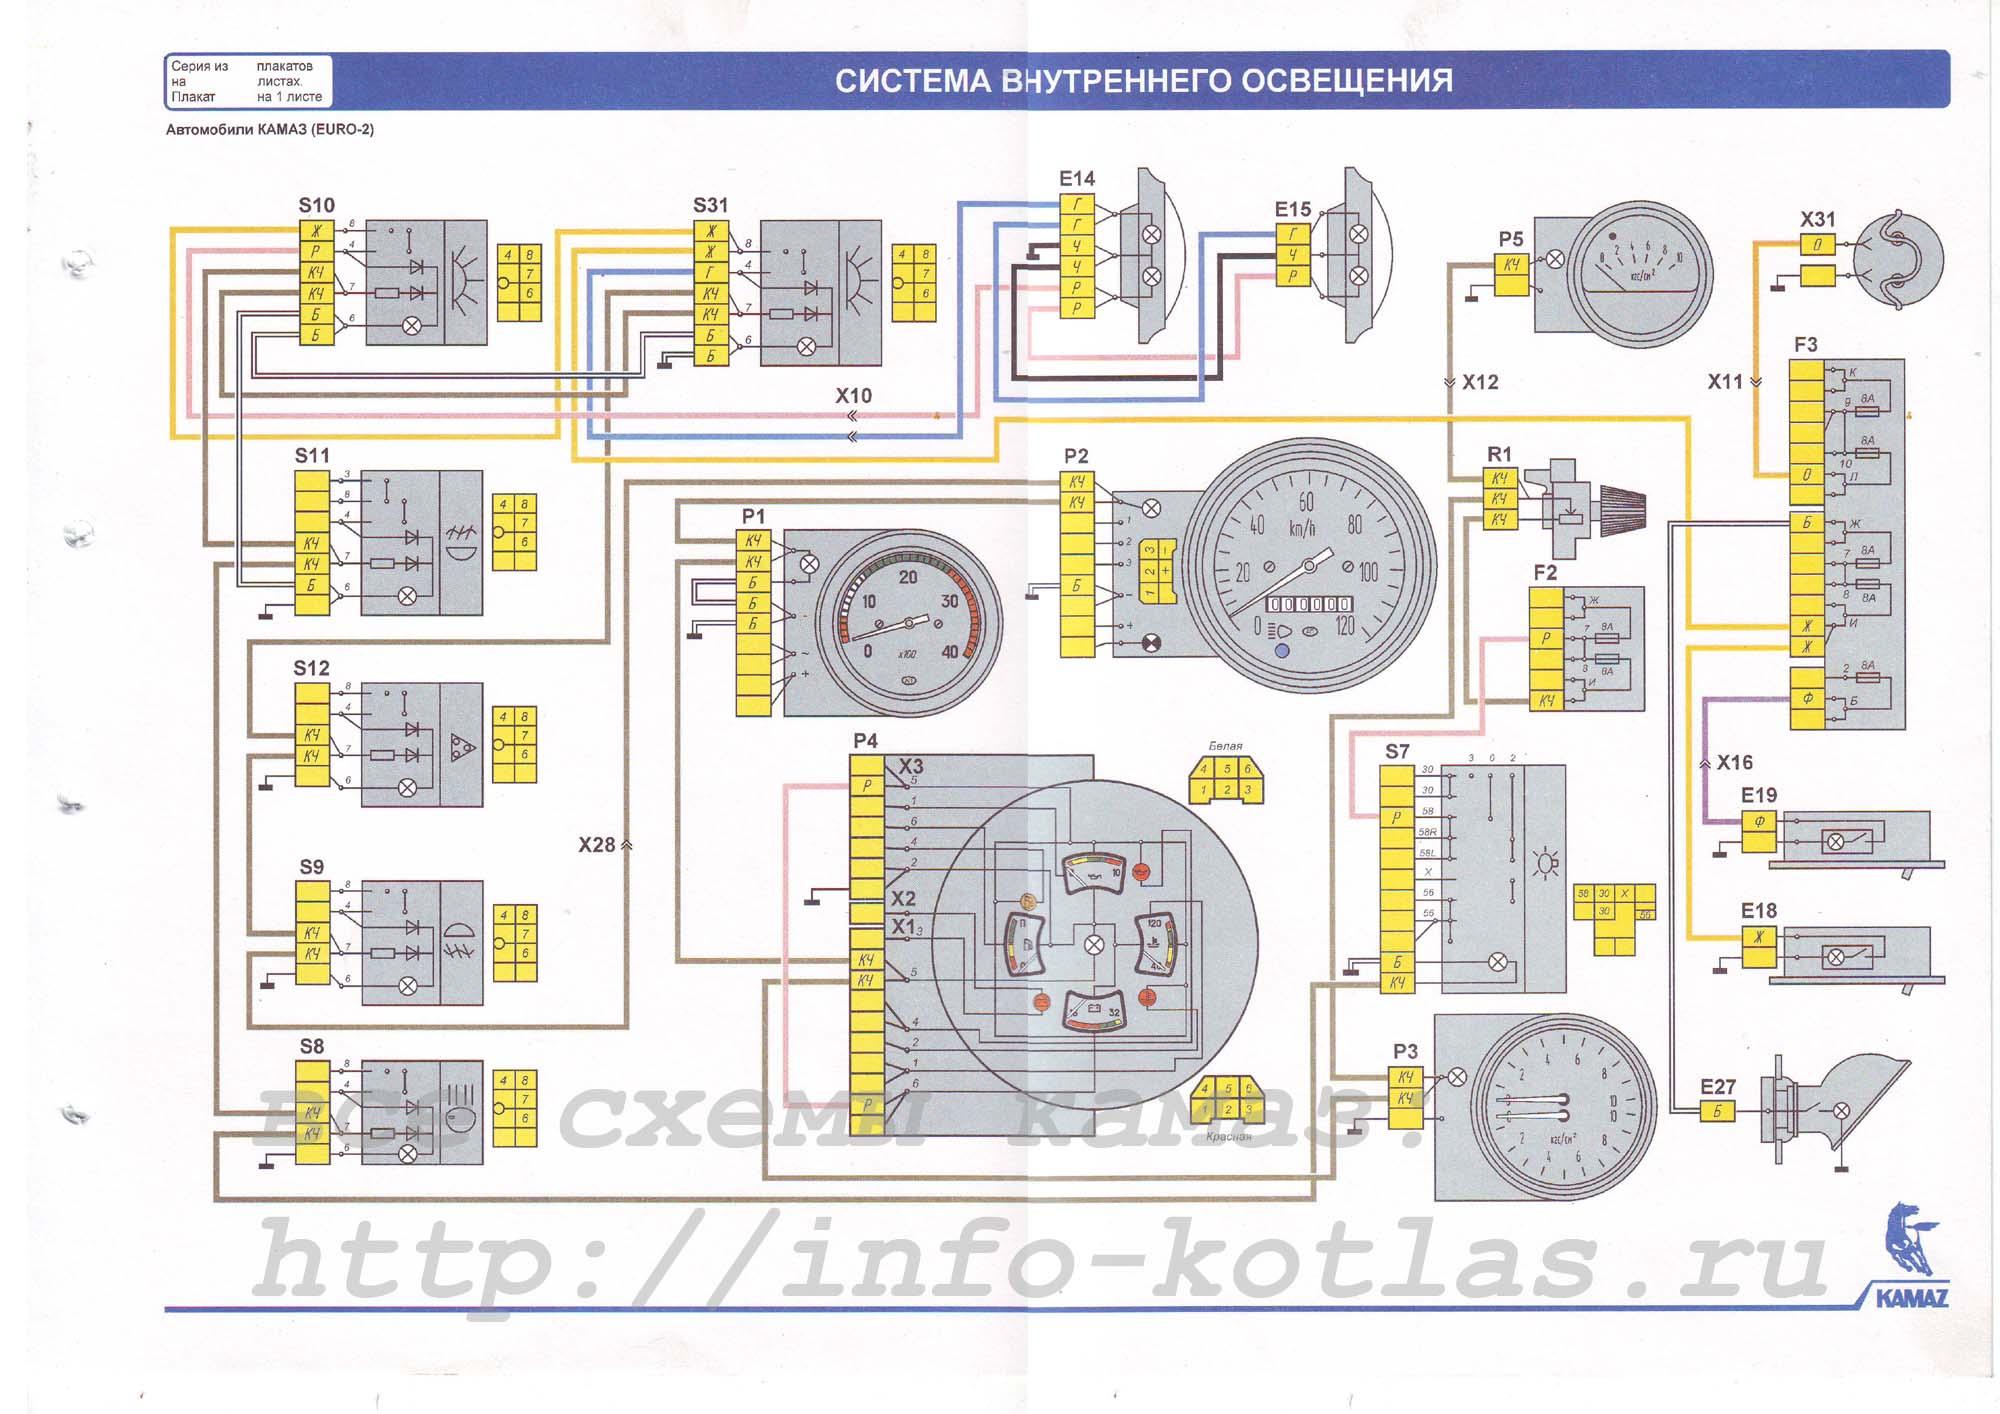 Cхема_внутреннего_освещения_камаз_EURO-2